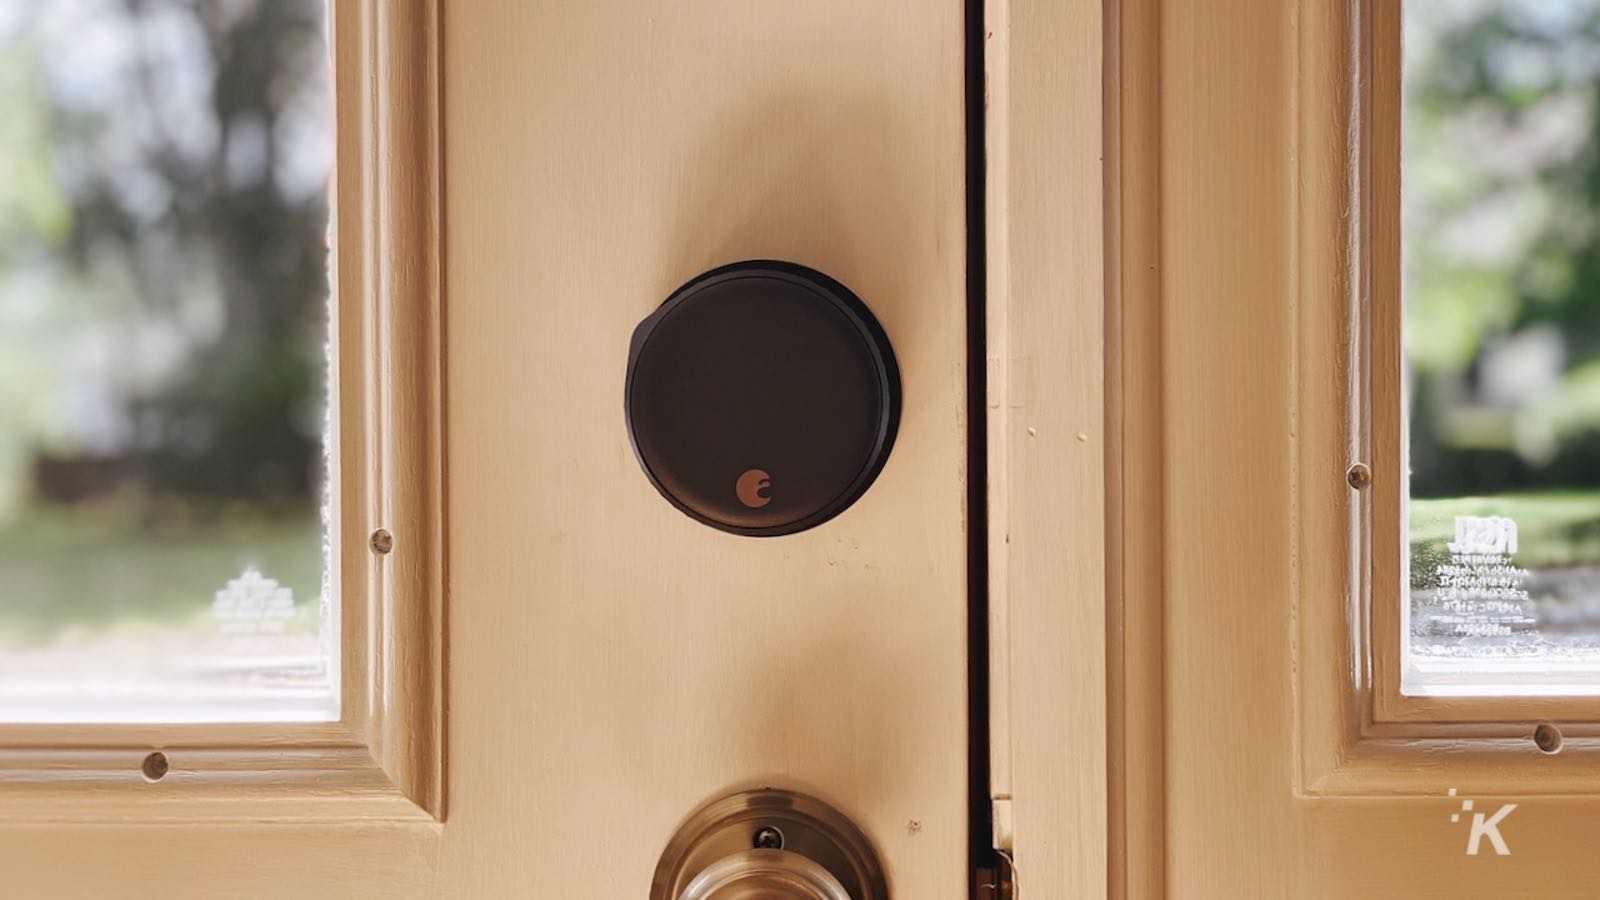 august wifi smartlock installed on front door